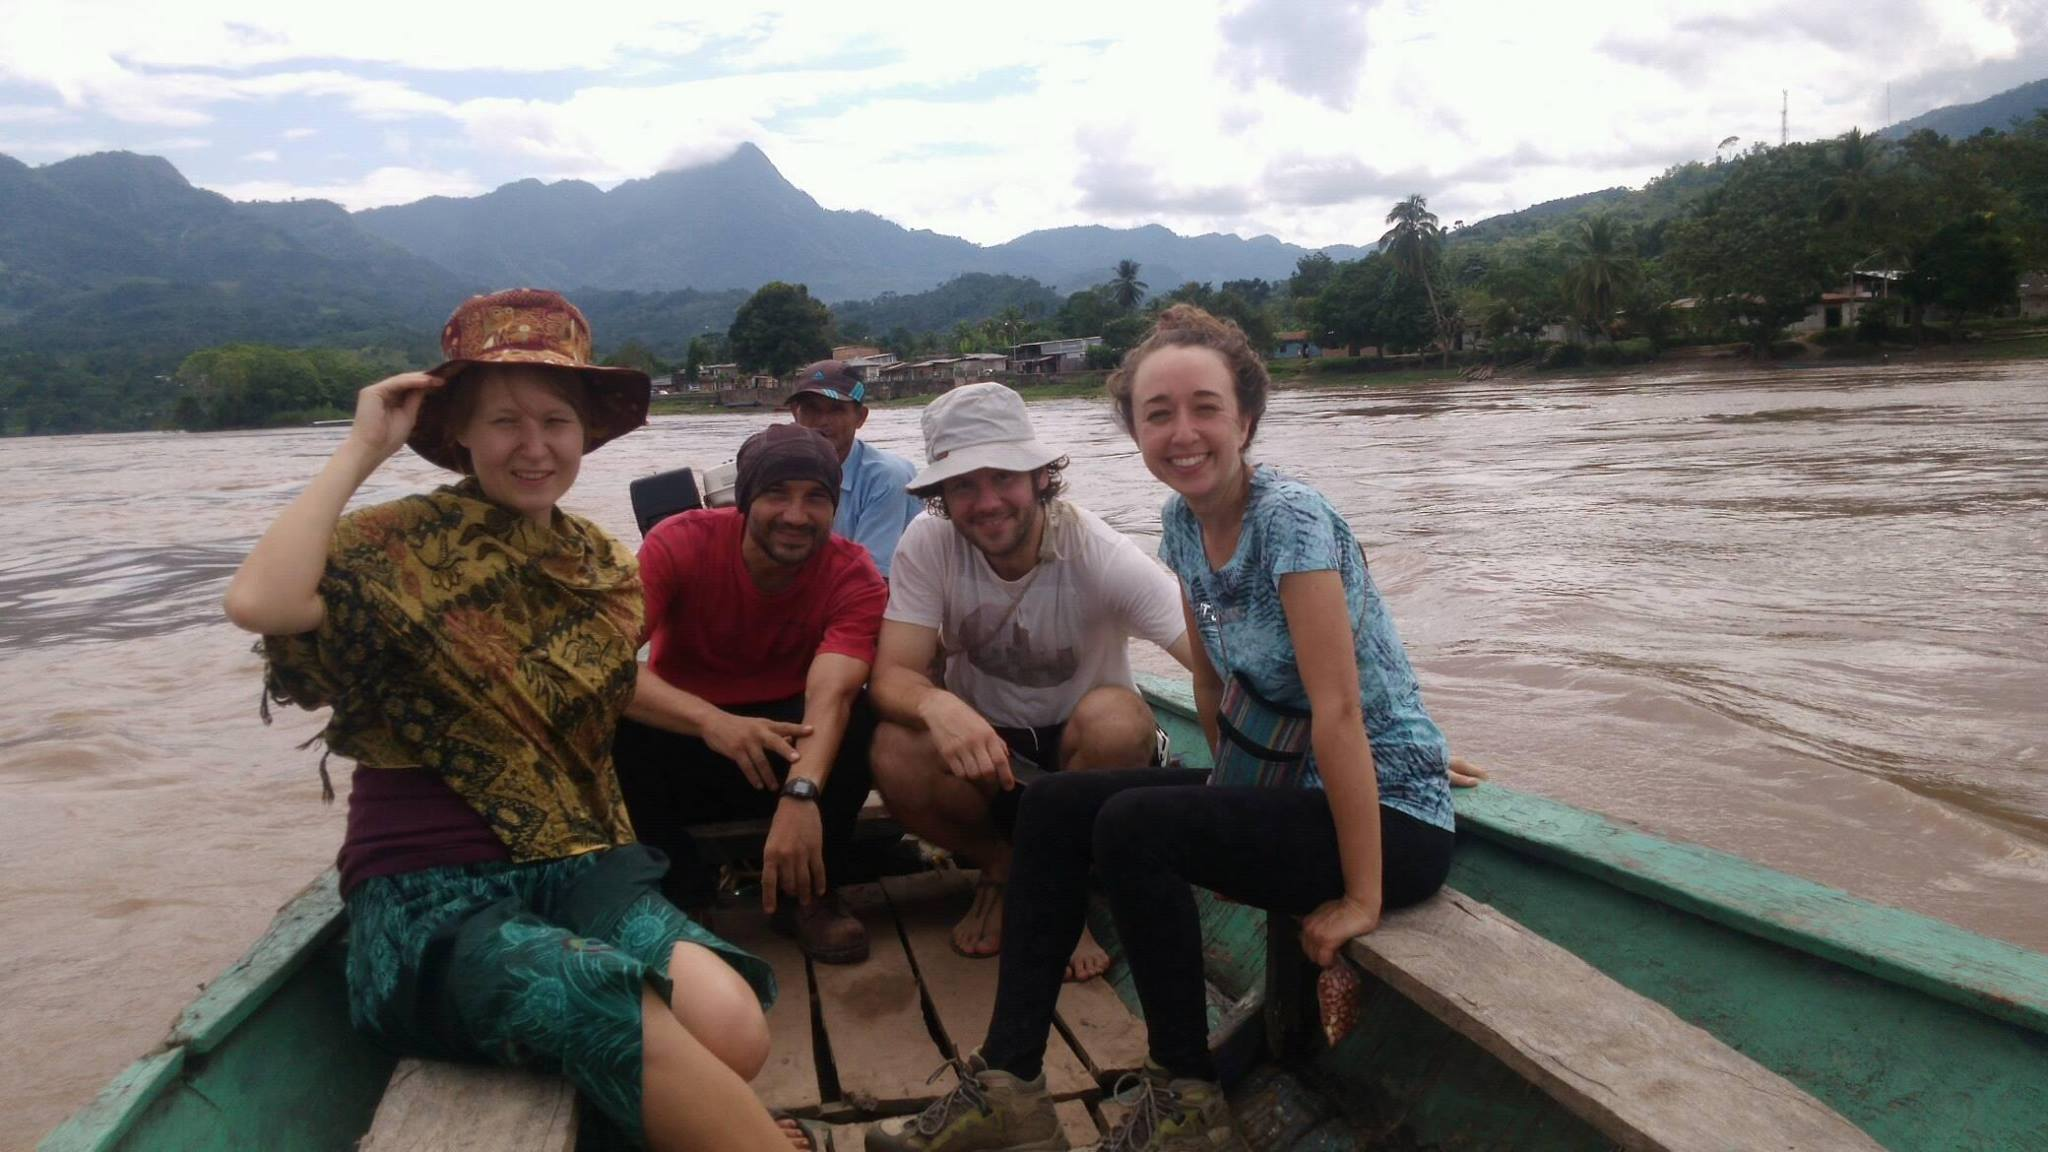 Plavba po řece Huallaga, Chazuta, Peru 2016, Amazon Atlantis, realizační tým